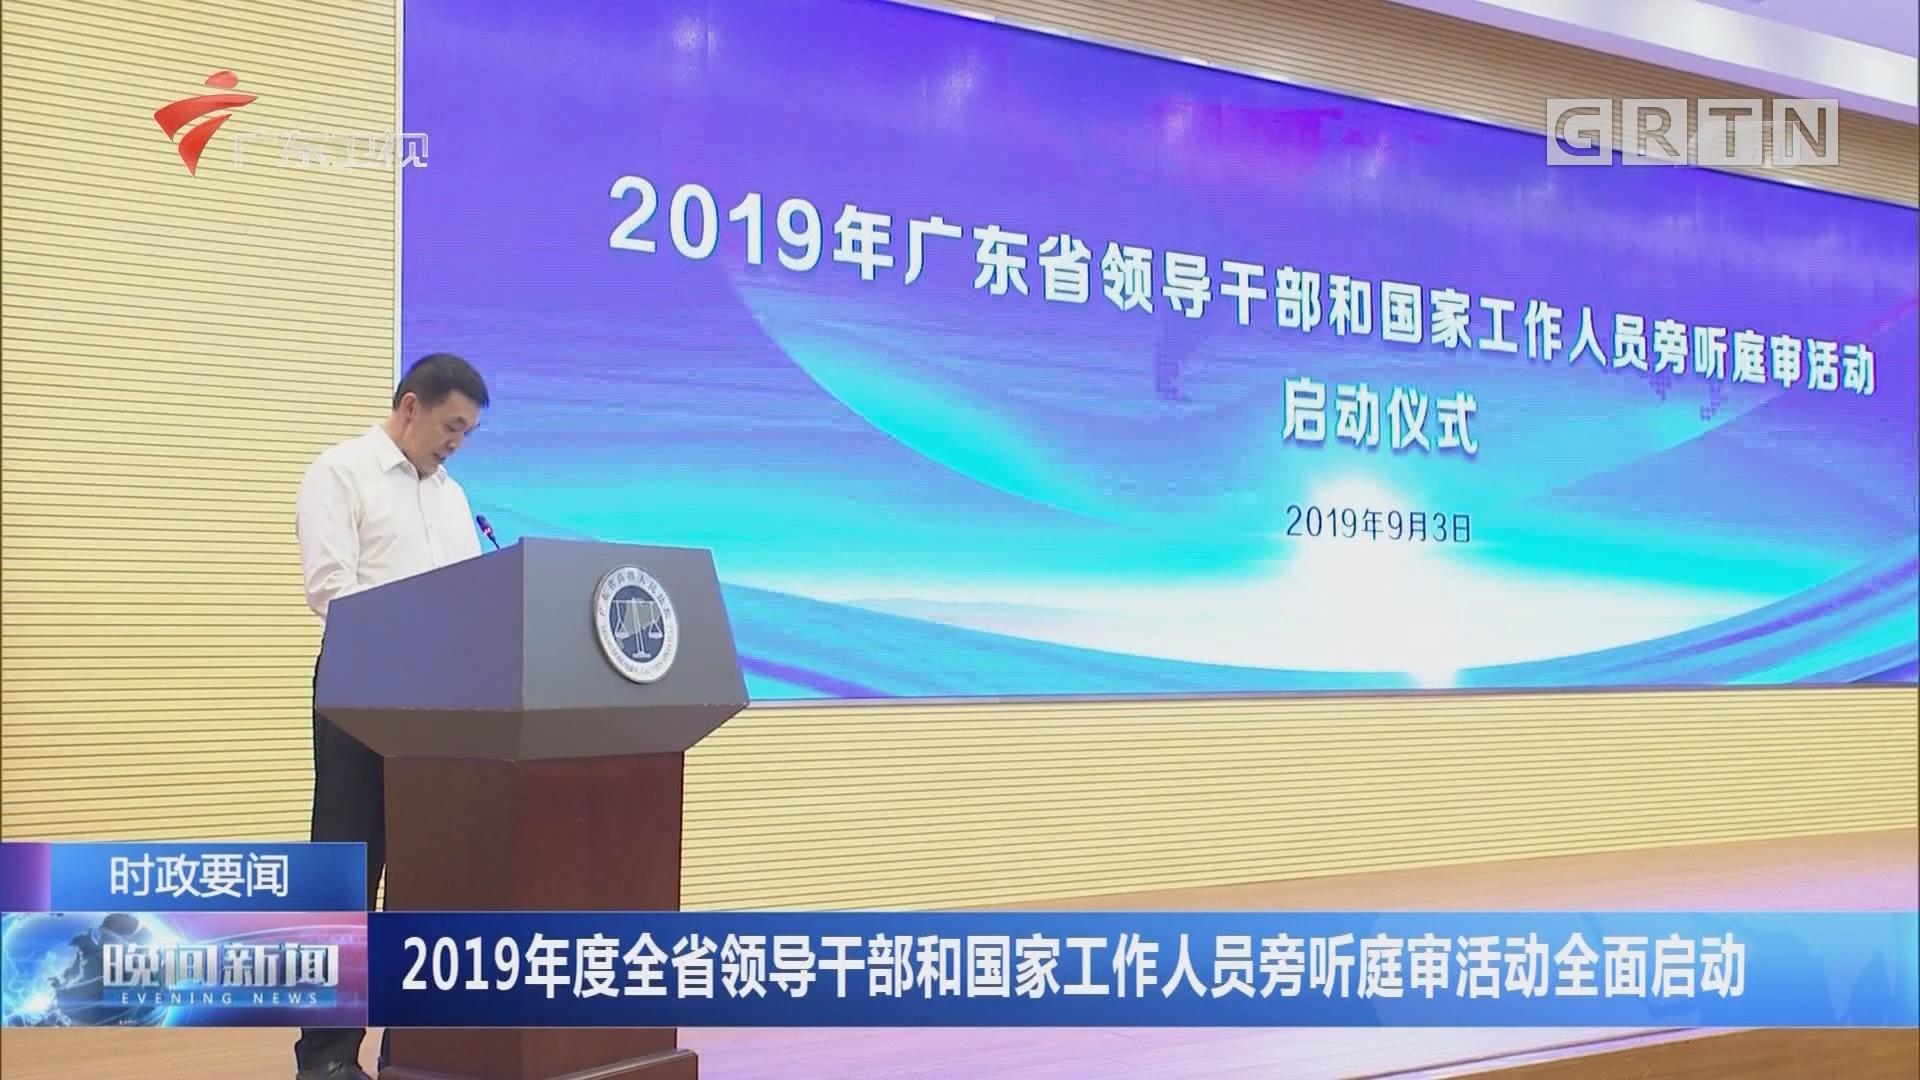 2019年度全省领导干部和国家工作人员旁听庭审活动全面启动